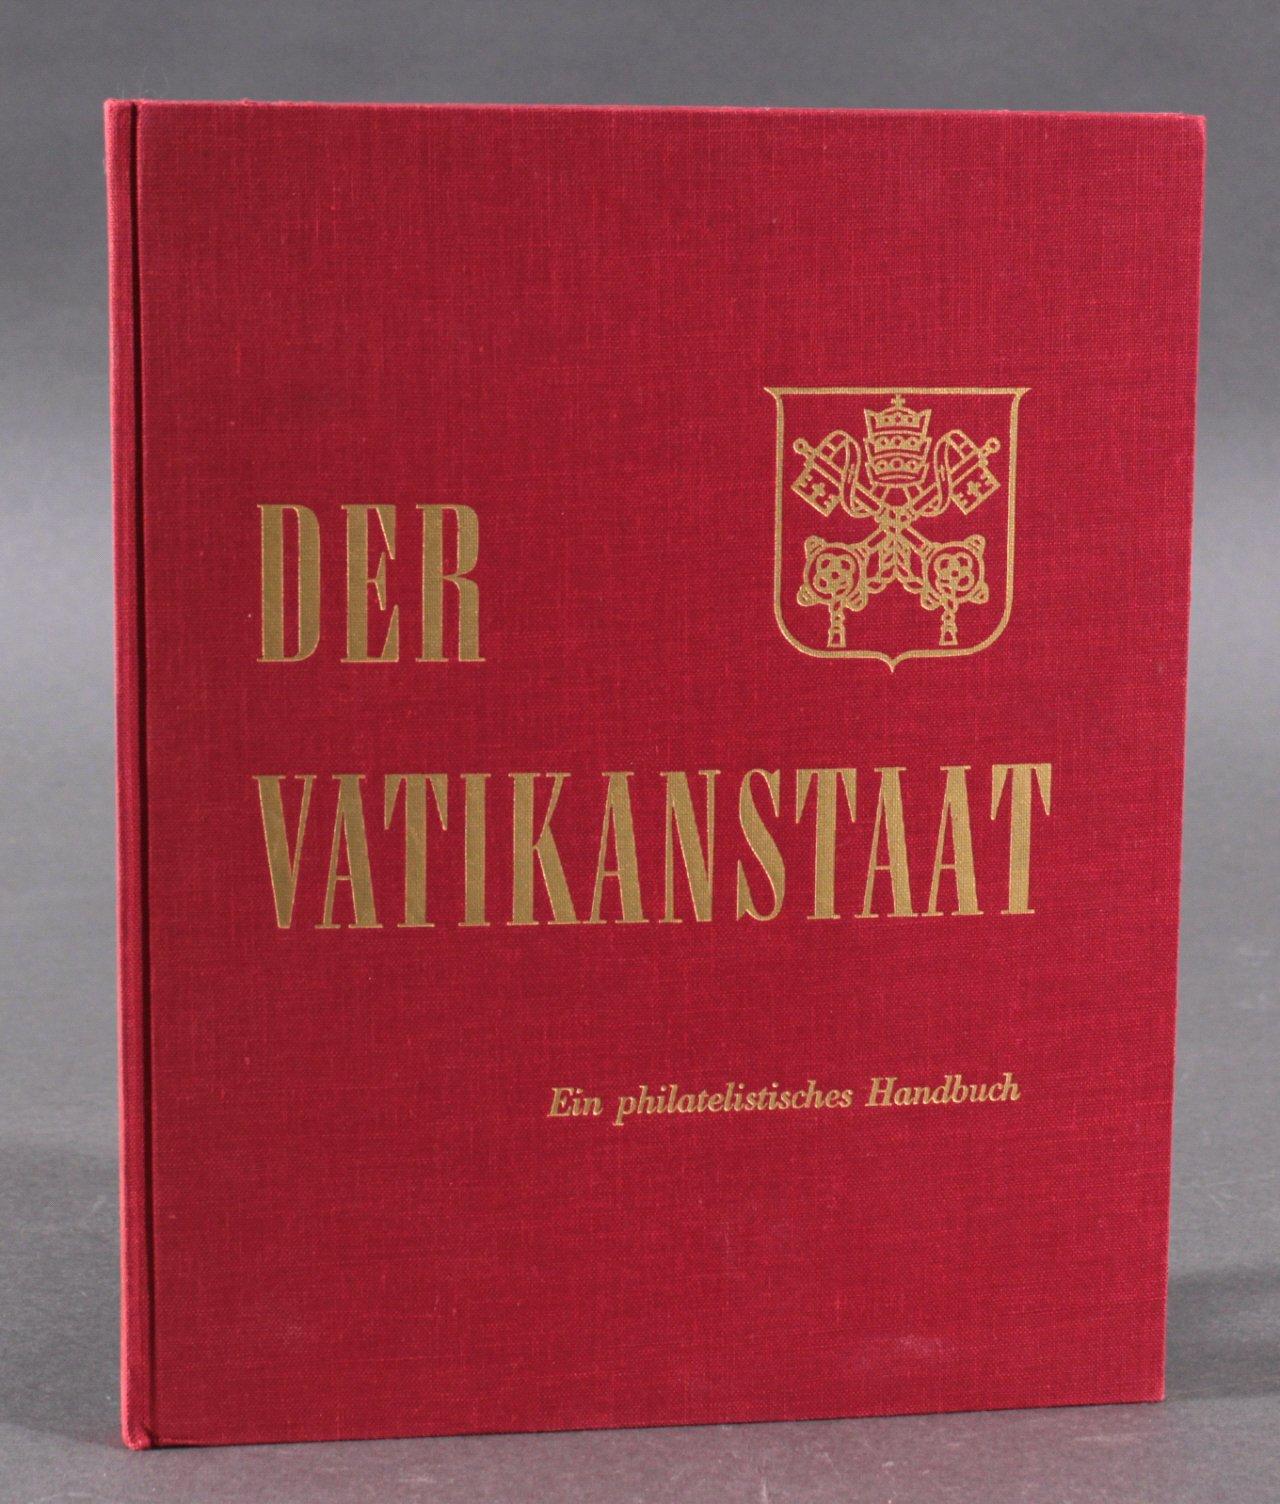 DER VATIKANSTAAT  Ein philatelistisches Handbuch